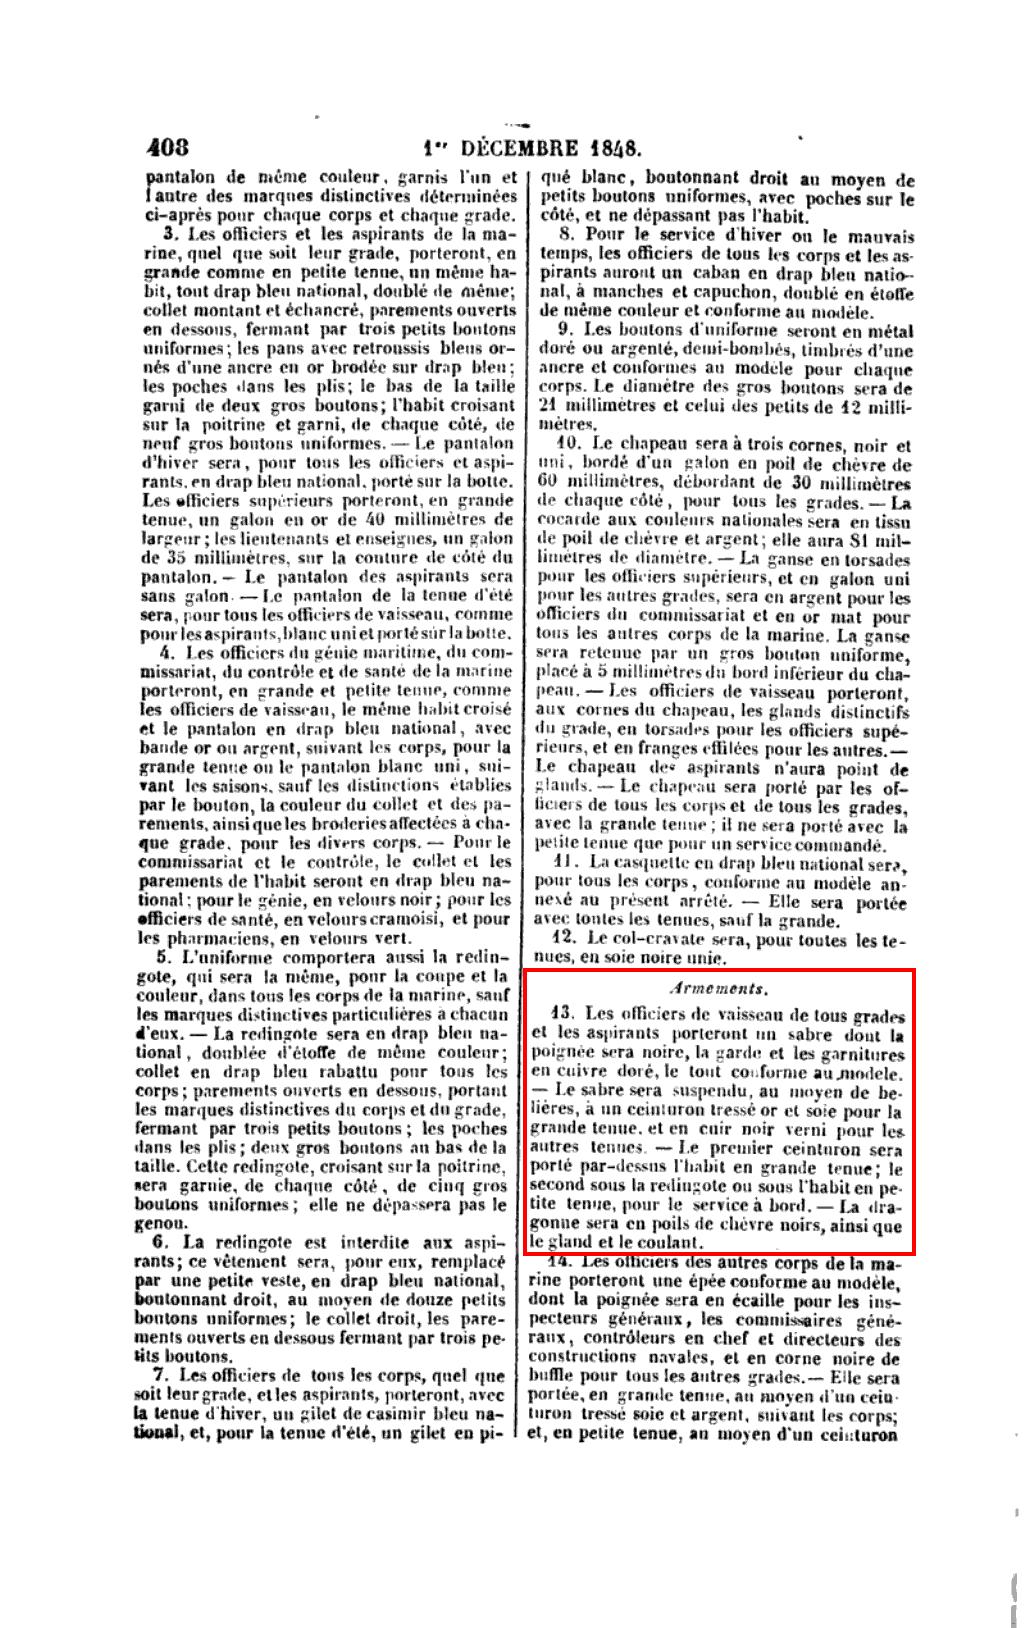 LES ÉVOLUTIONS DU SABRE D'OFFICIER DE MARINE FRANÇAIS DE 1837 À NOS JOURS - Page 4 01121811